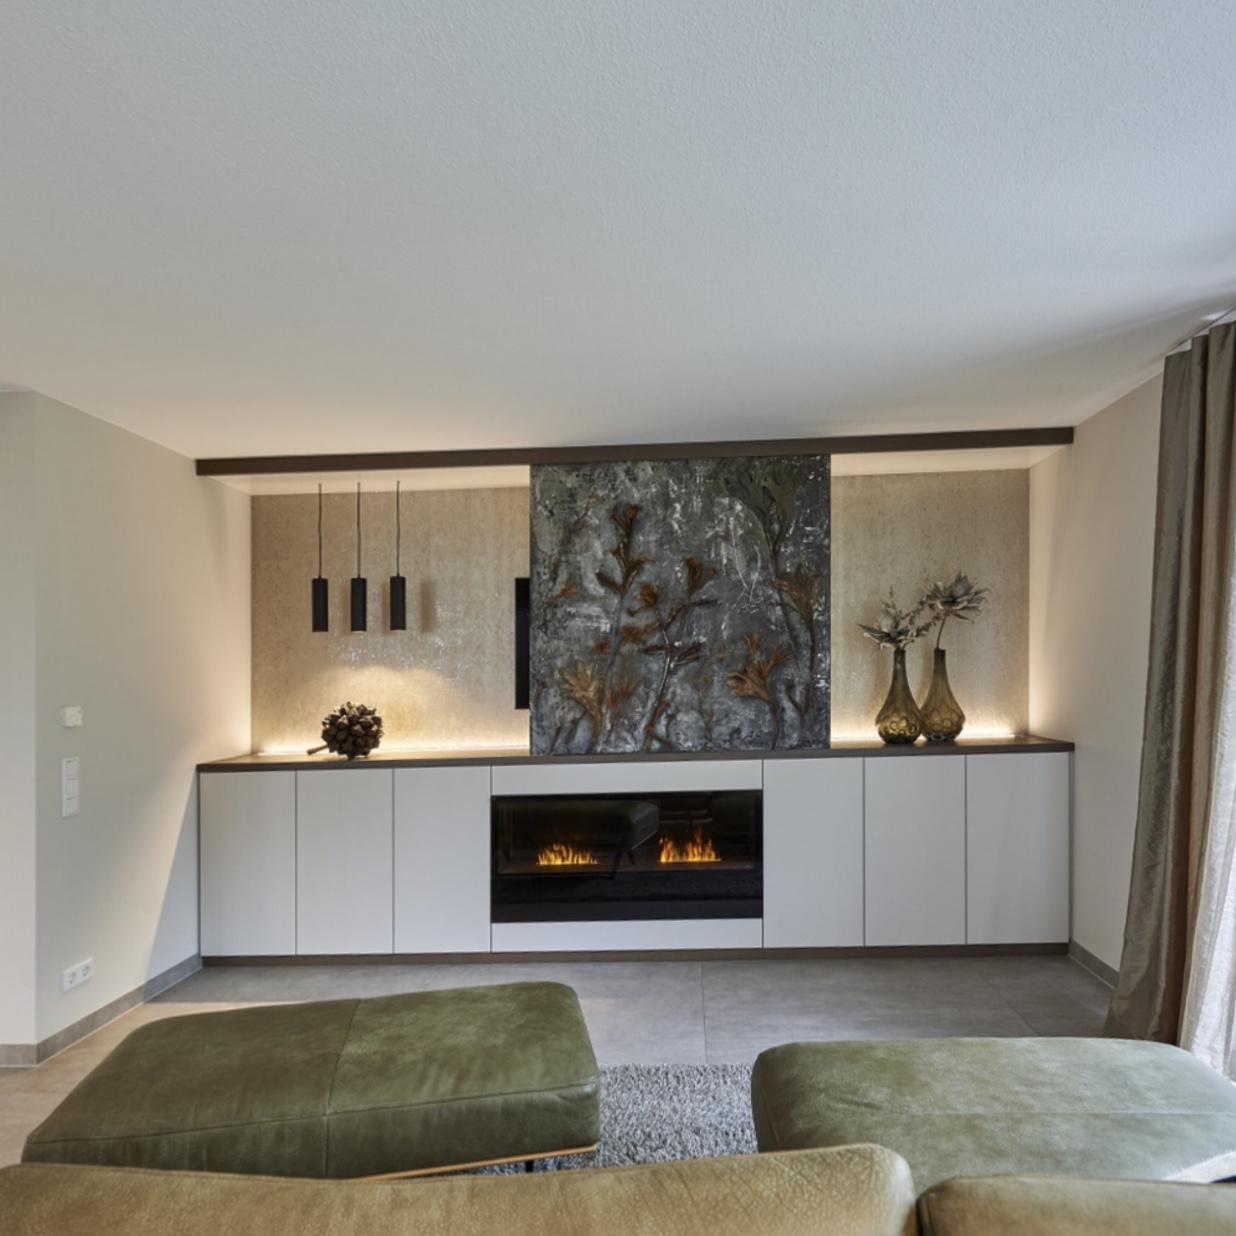 www.ideenraumgeben.de-renovierung-eines-wohnraums-mit-effektfeuer-38cf8887-4319-4649-ba62-93b9063a3b31